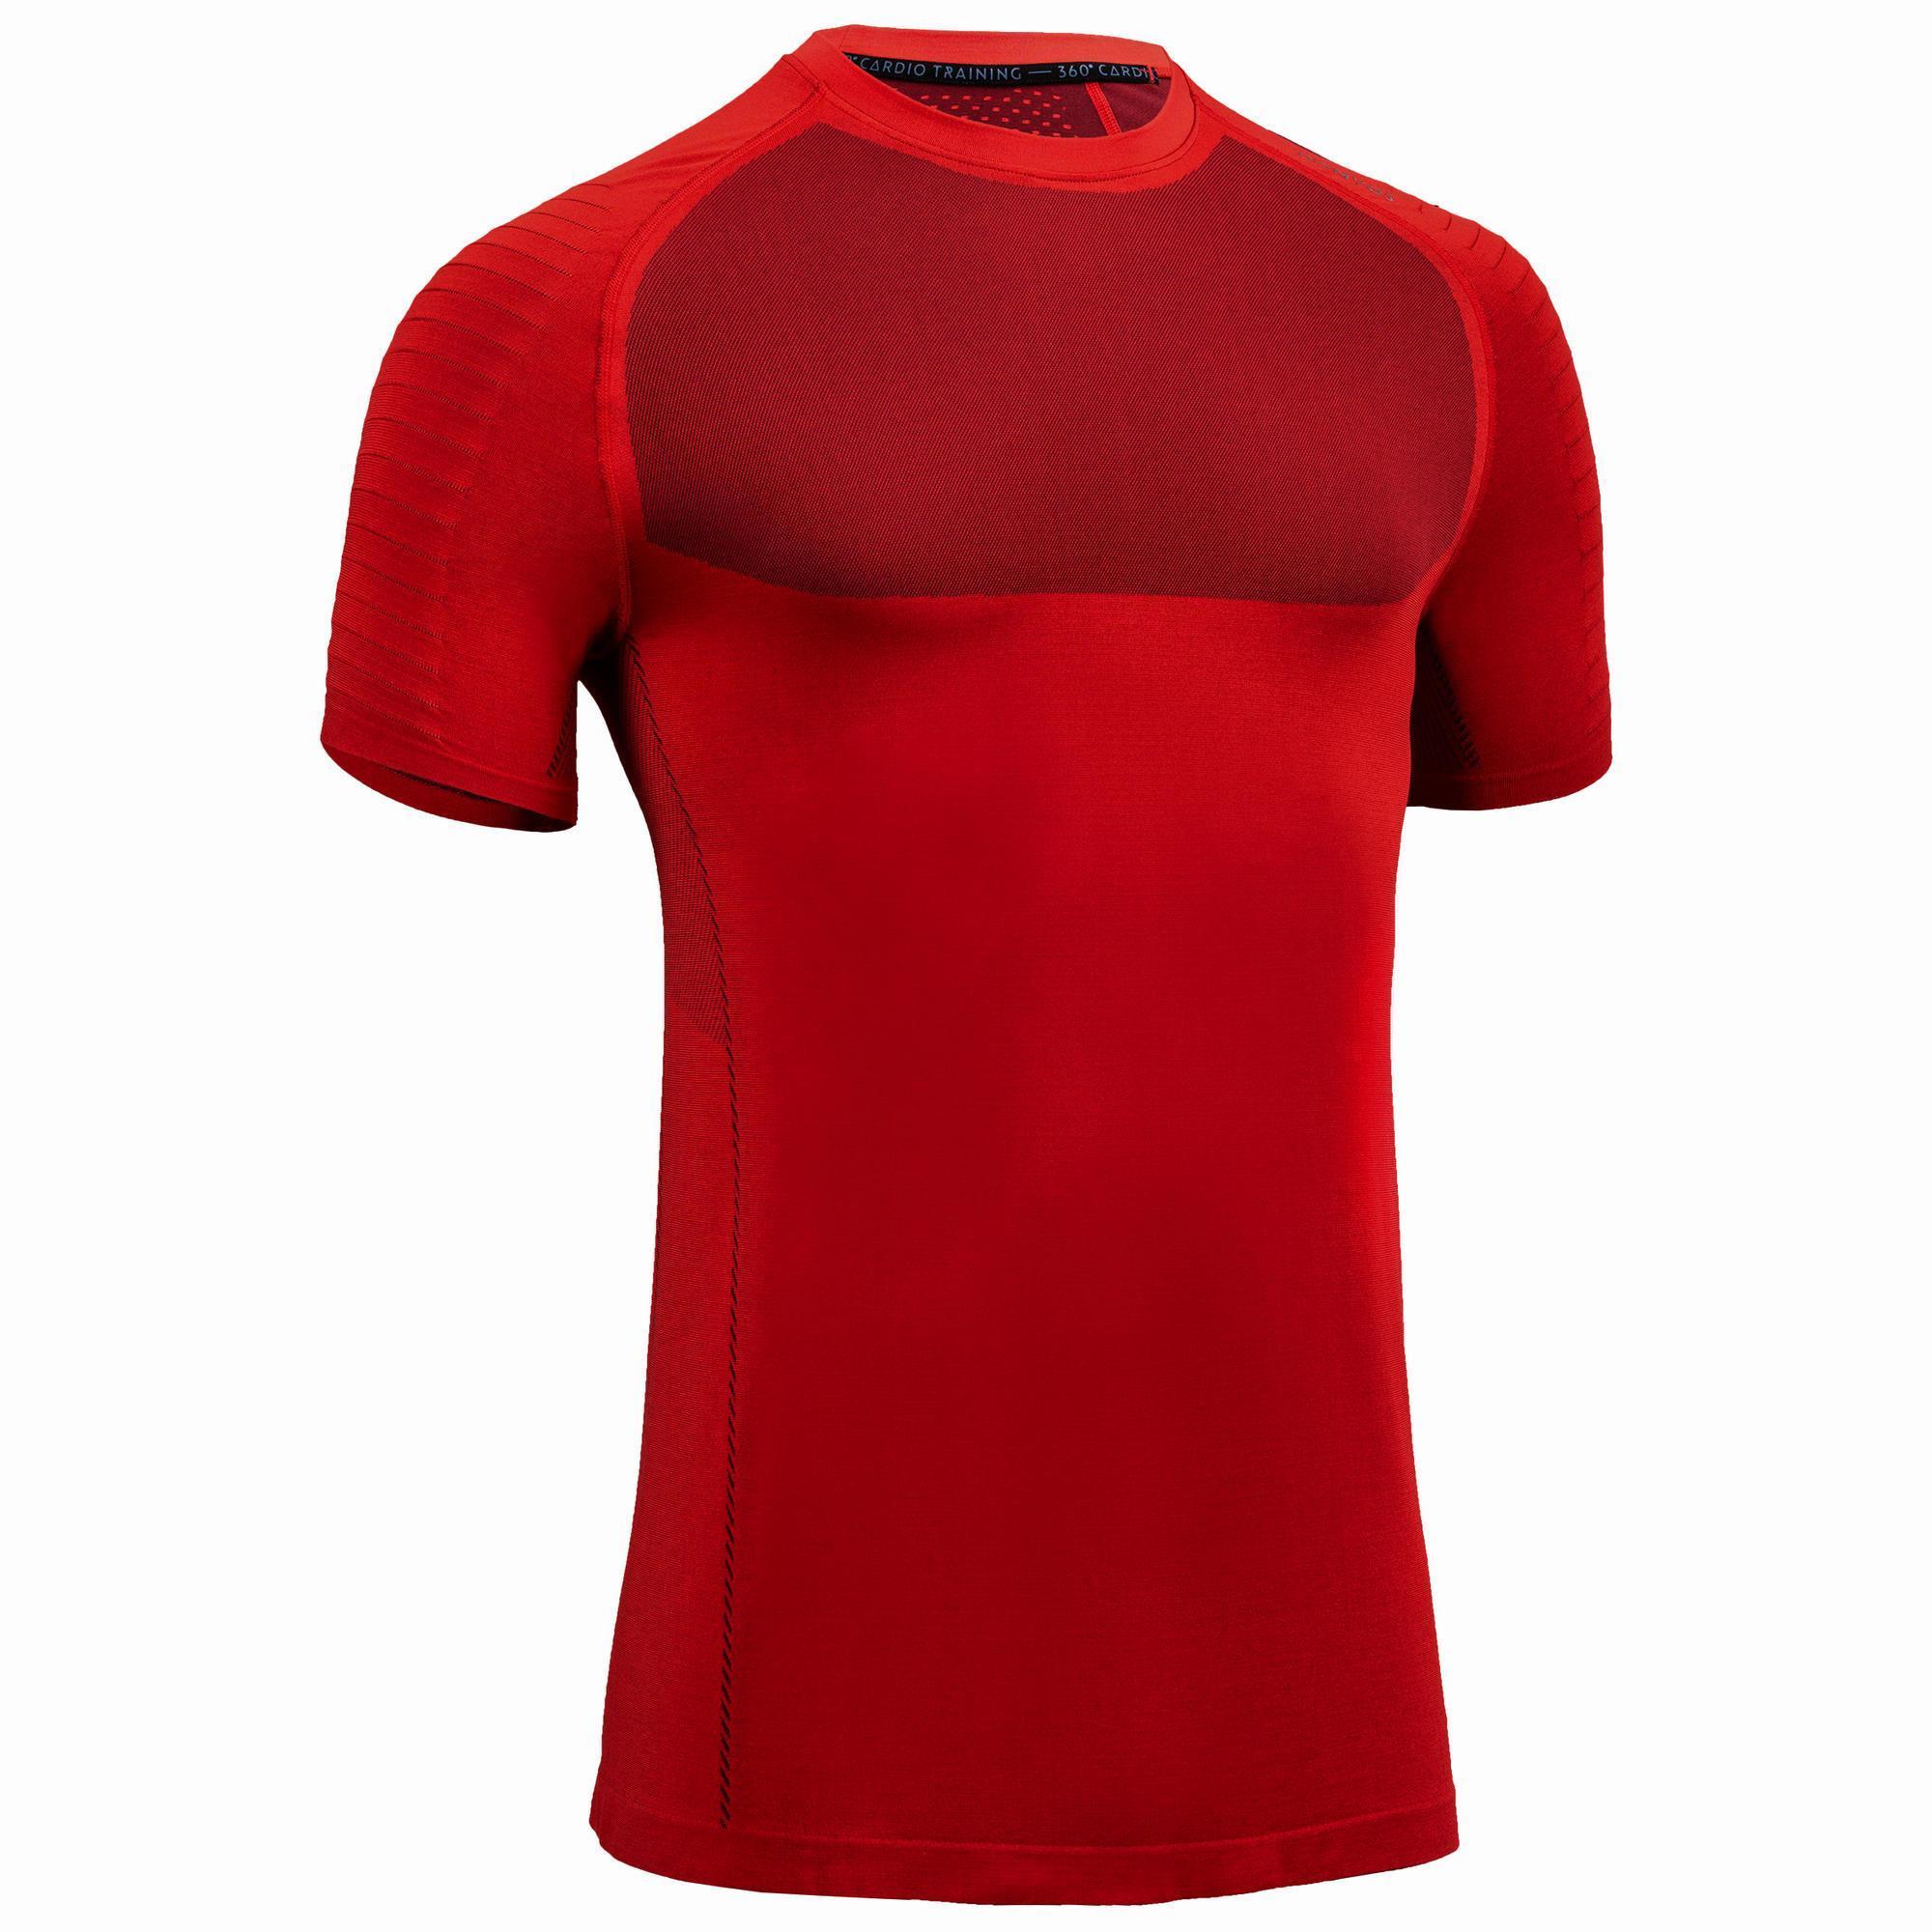 Domyos T-shirt voor cardiofitness heren FTS 900